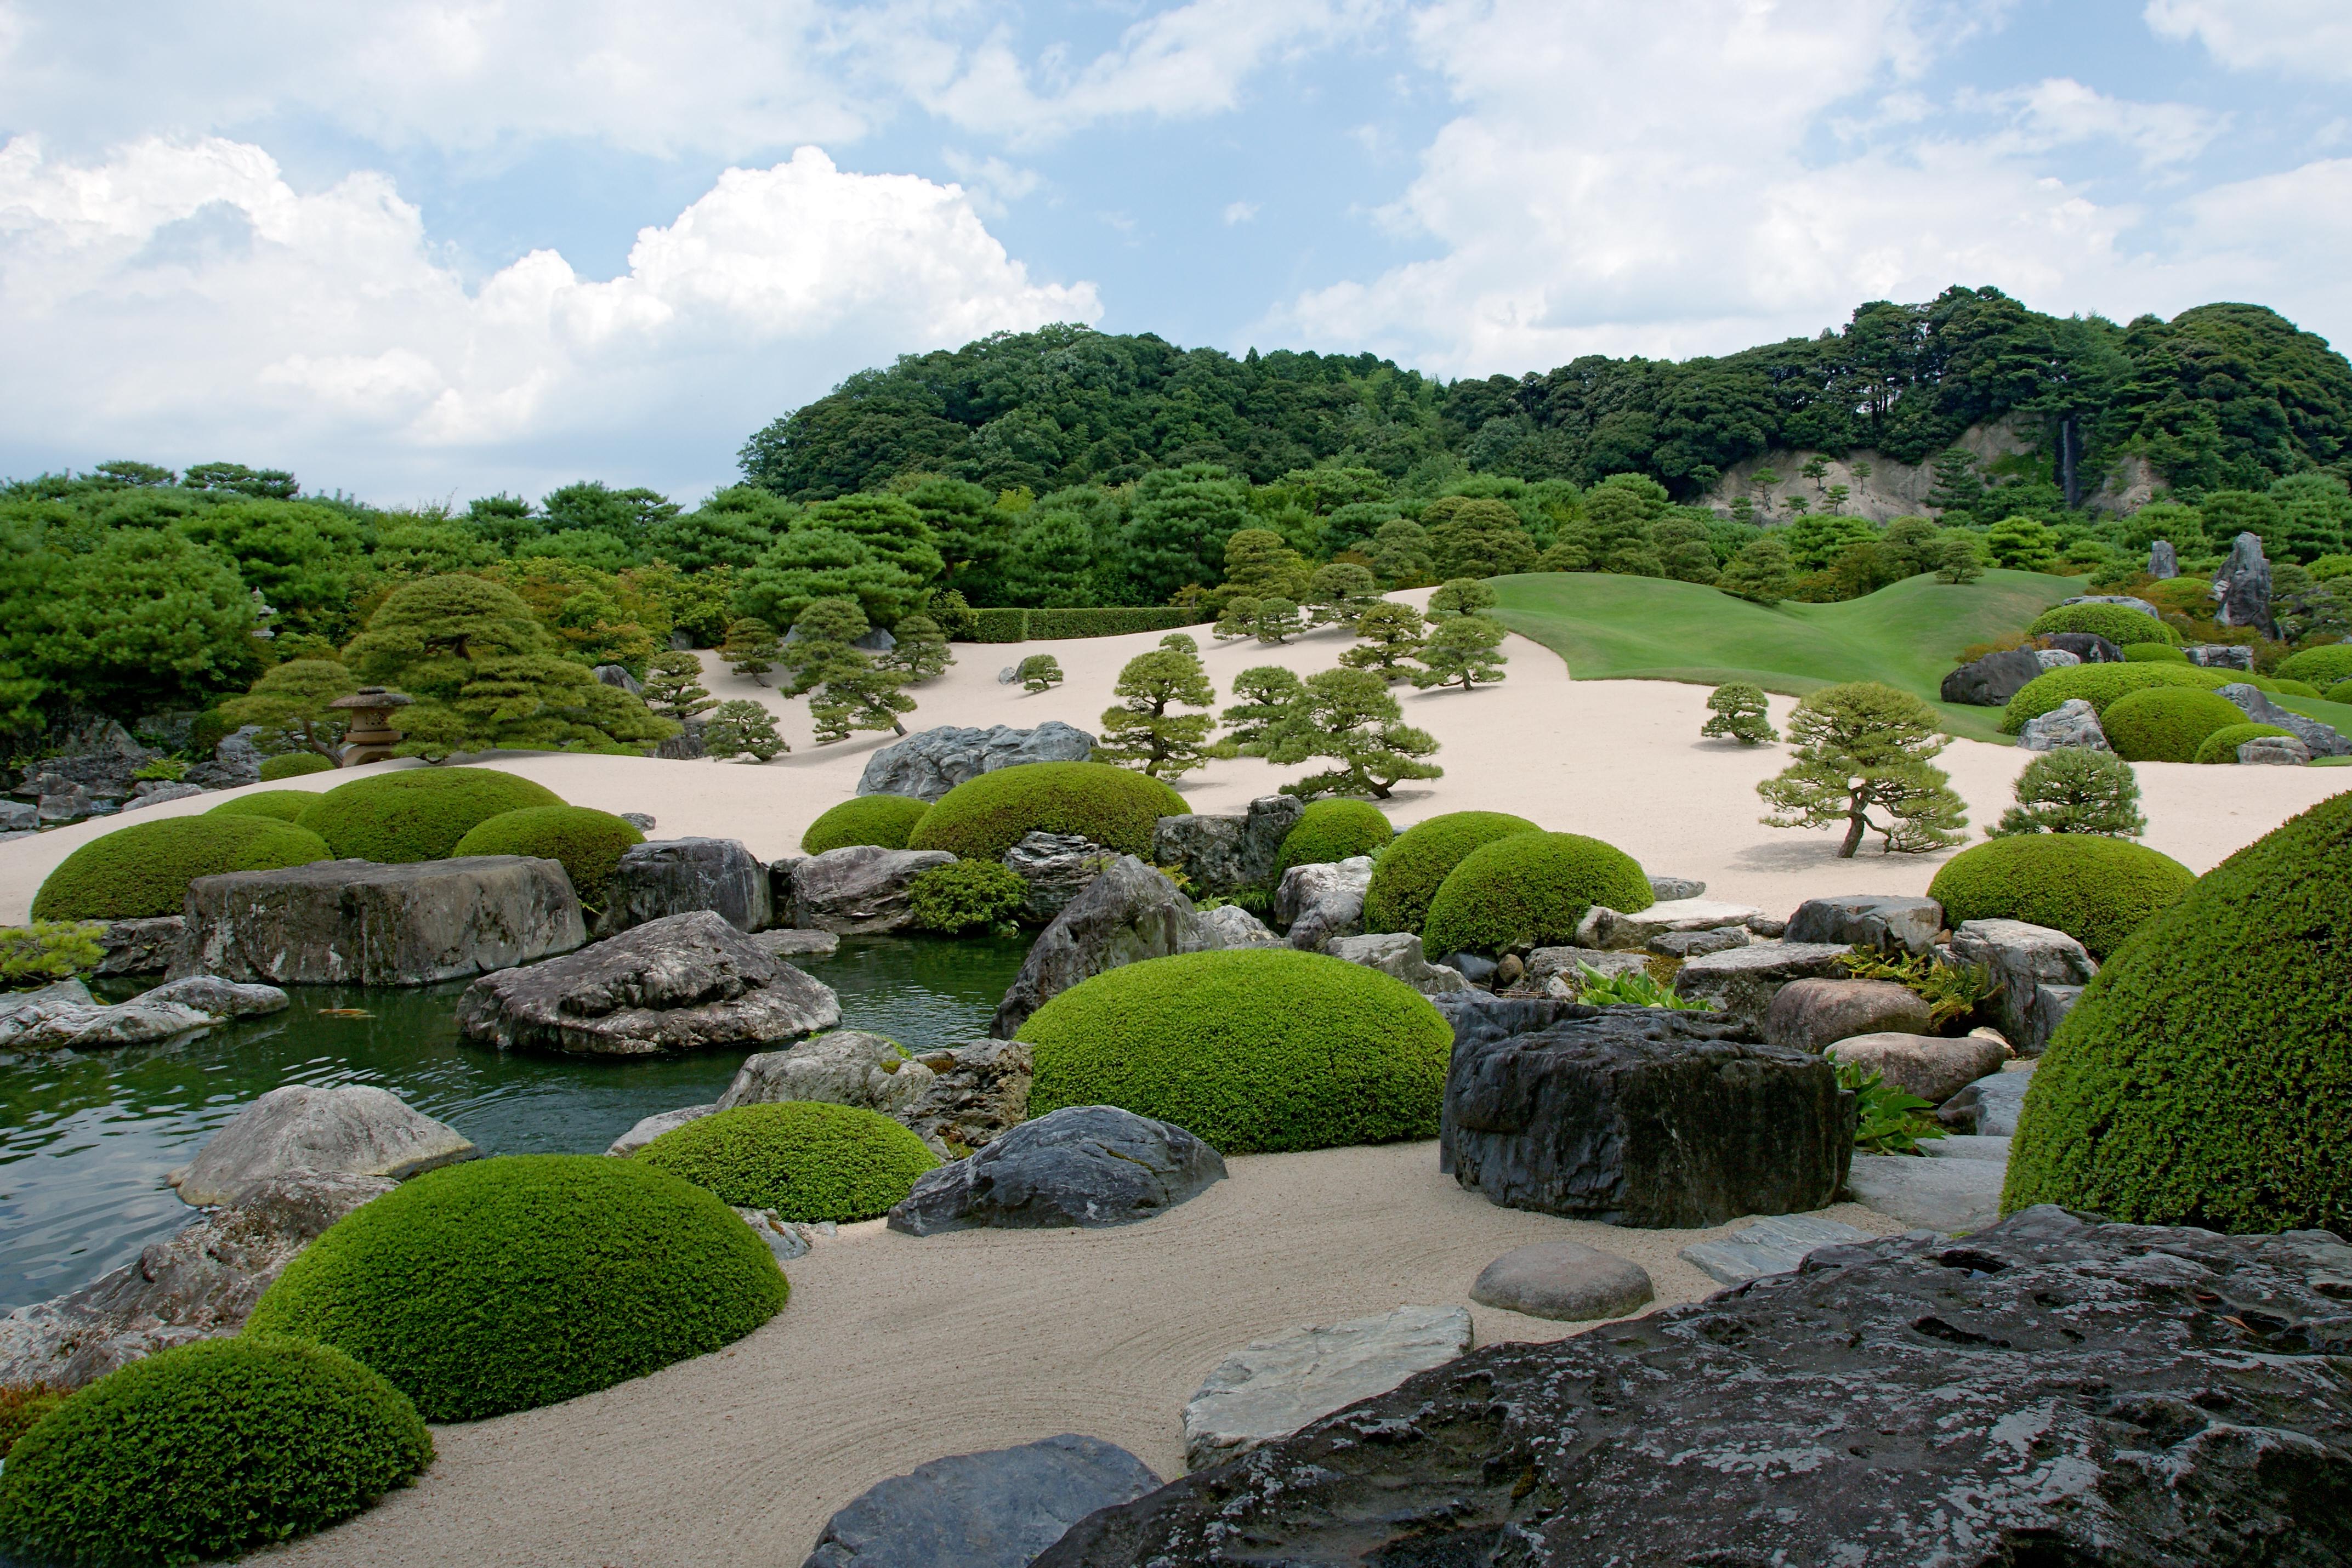 Contemporary Backyard Adachi Museum Of Art In Shimane taiken Japan